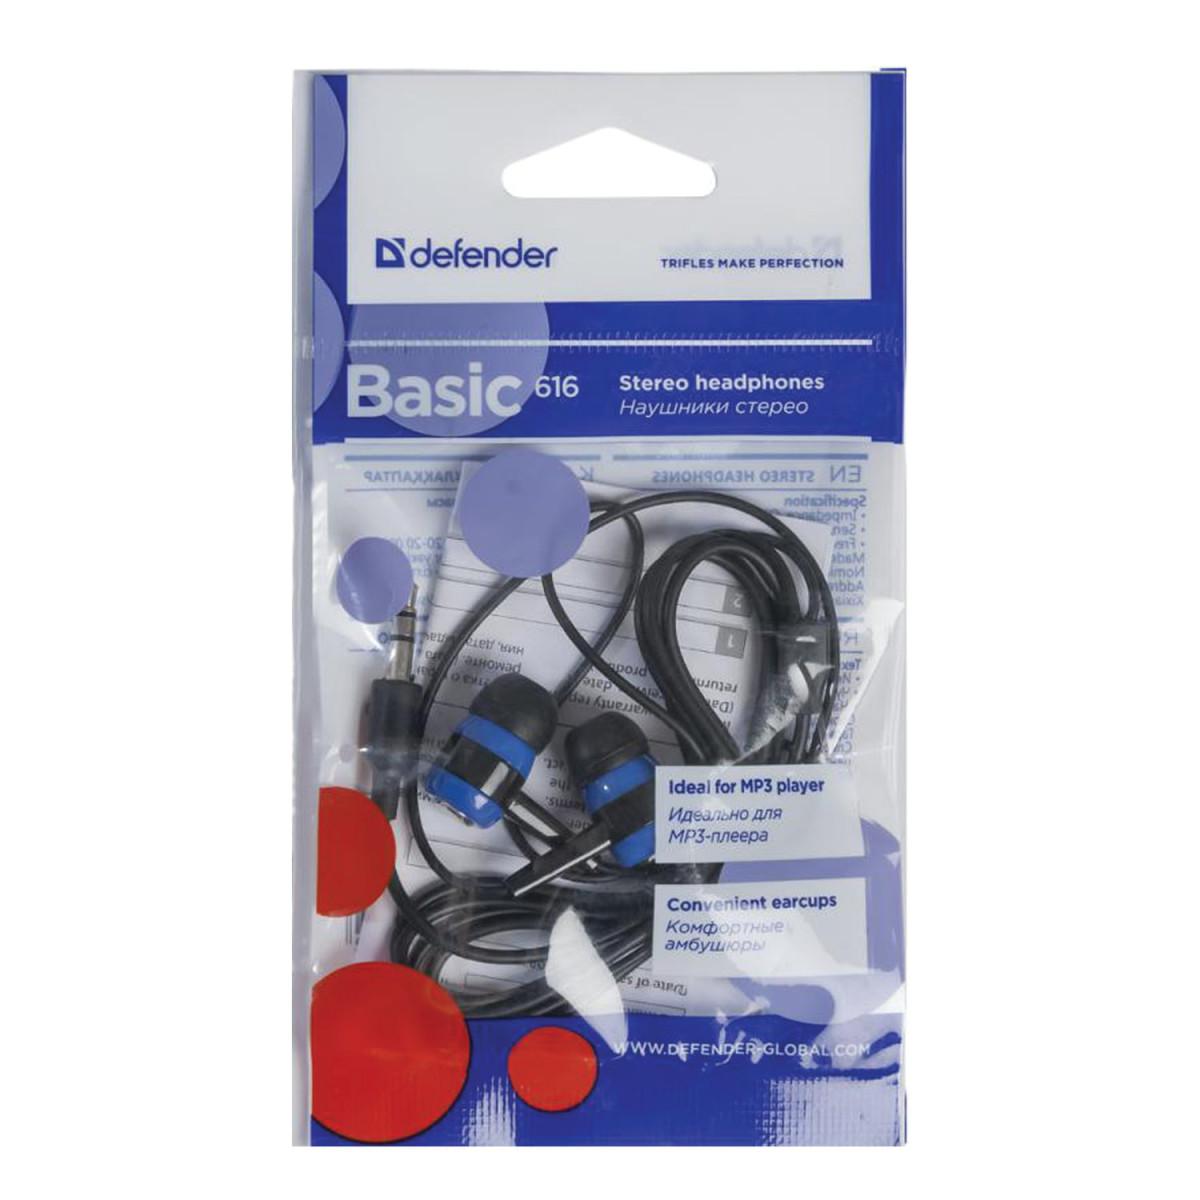 Наушники DEFENDER Basic 616, проводные, 1,1 м, стерео, вкладыши, черные, 63616 (арт. 63616)